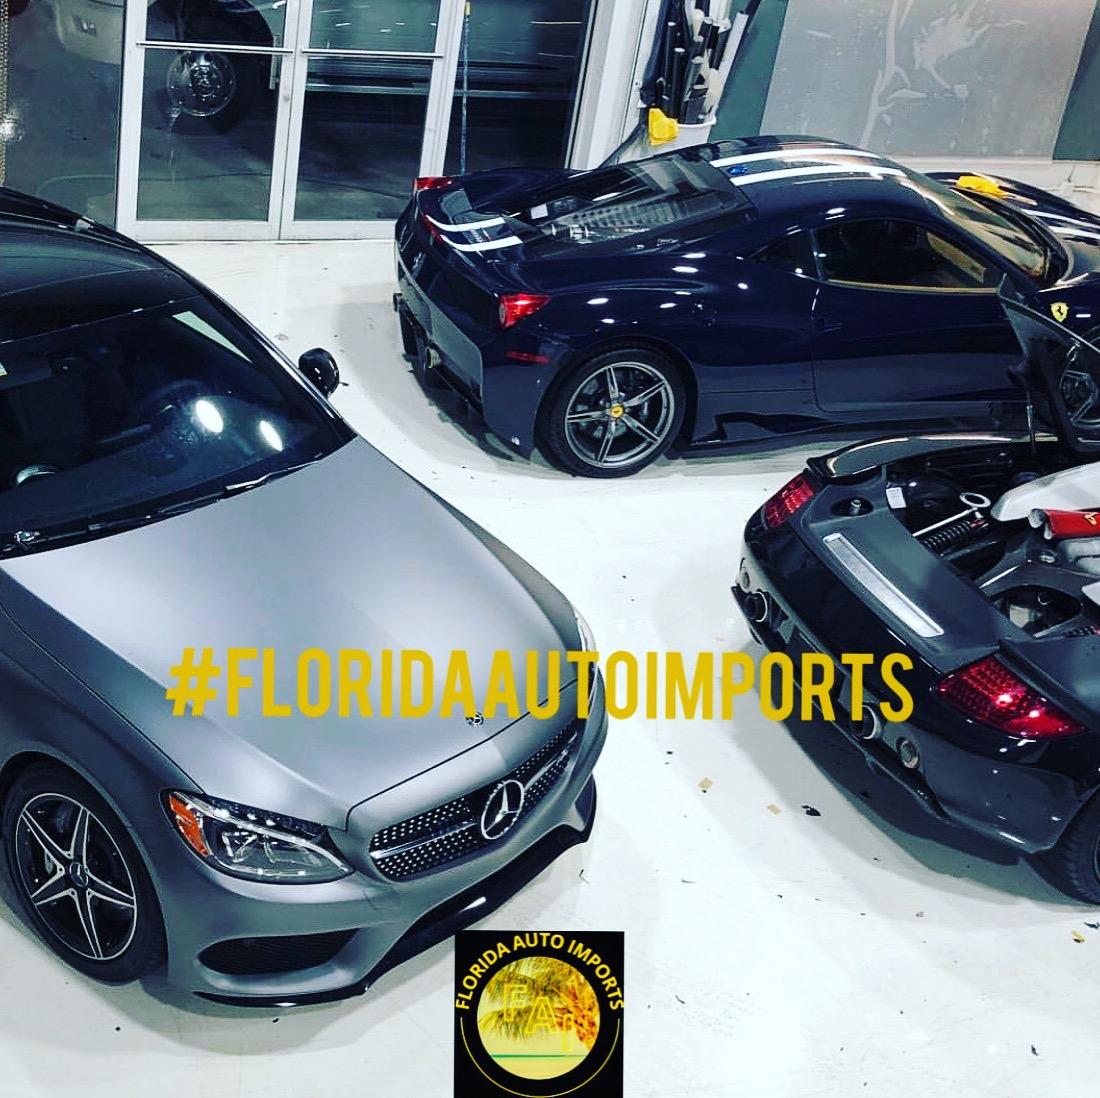 Florida Auto Imports image 3